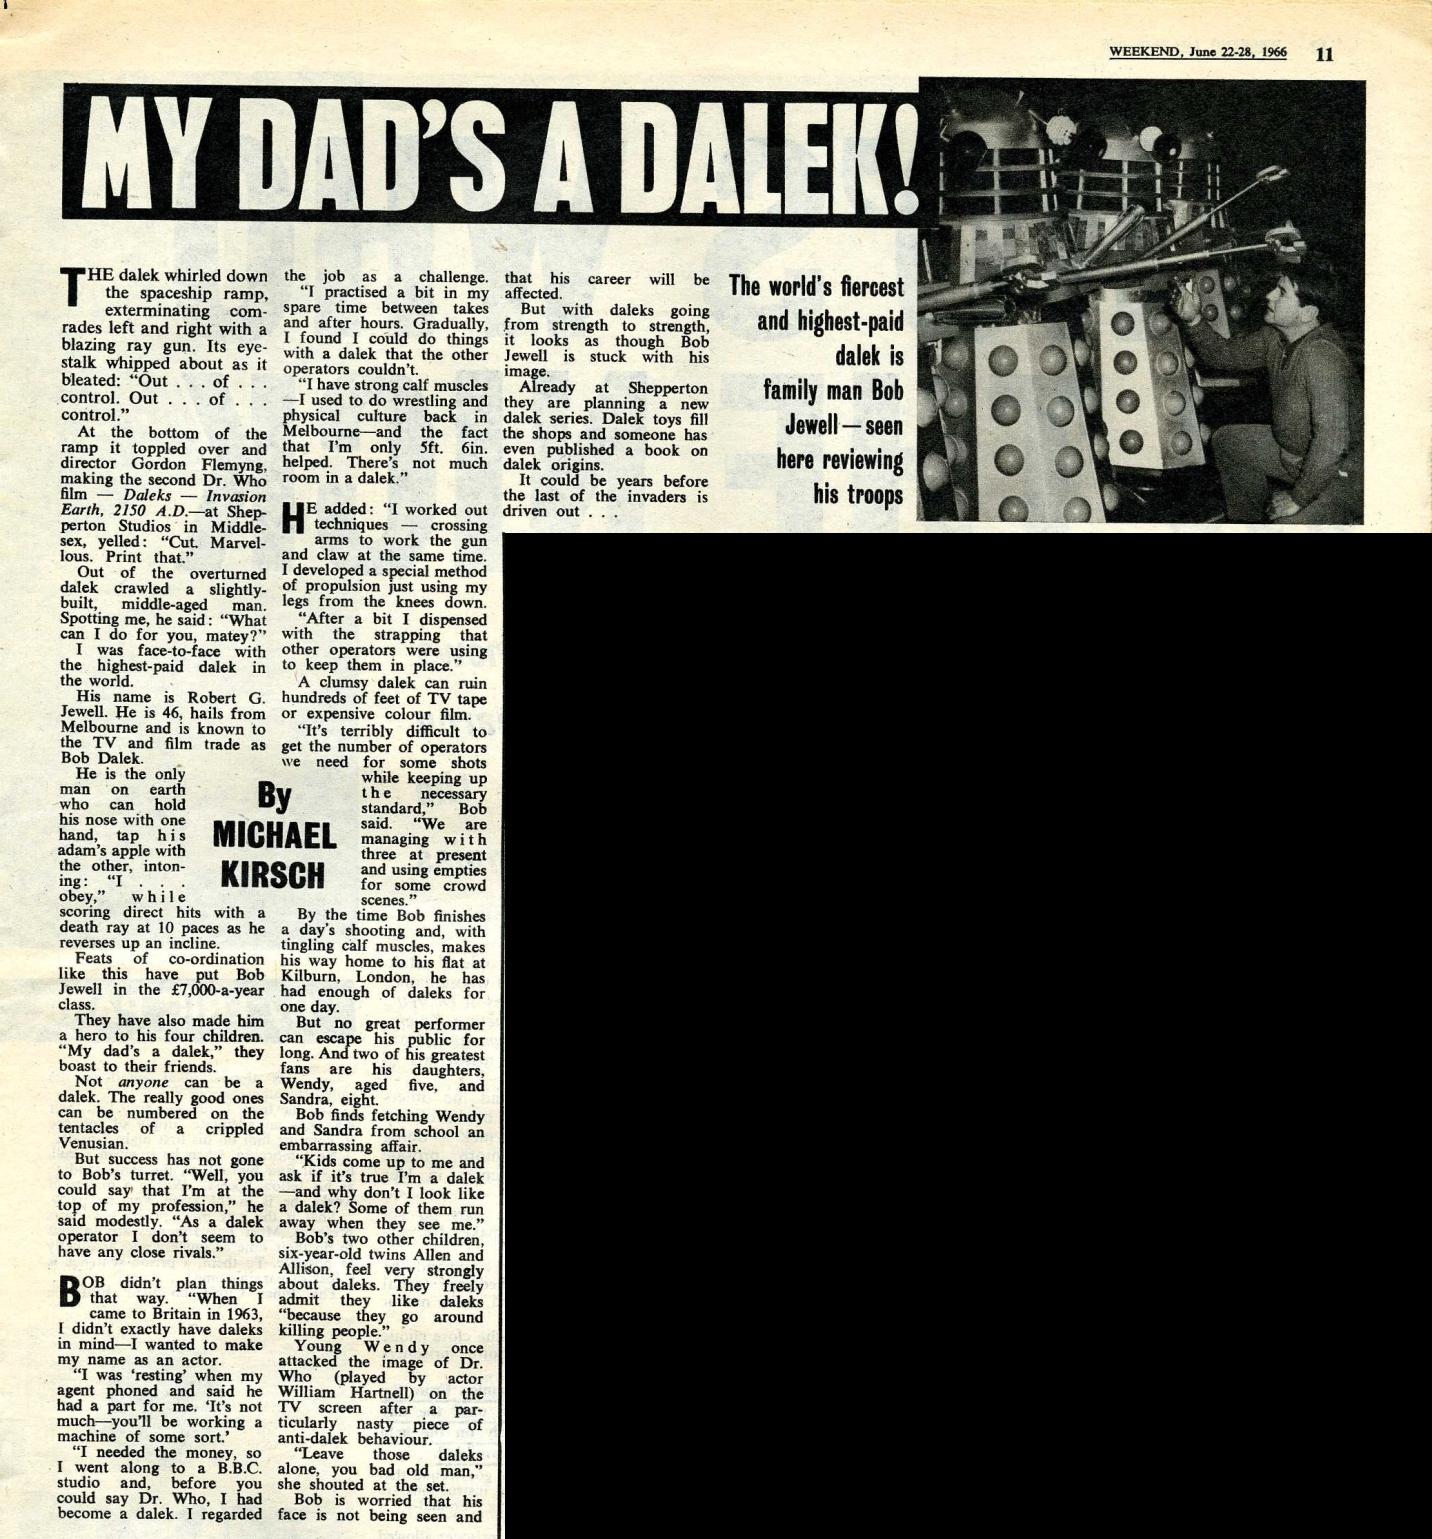 Weekend, 22-28 June 1966